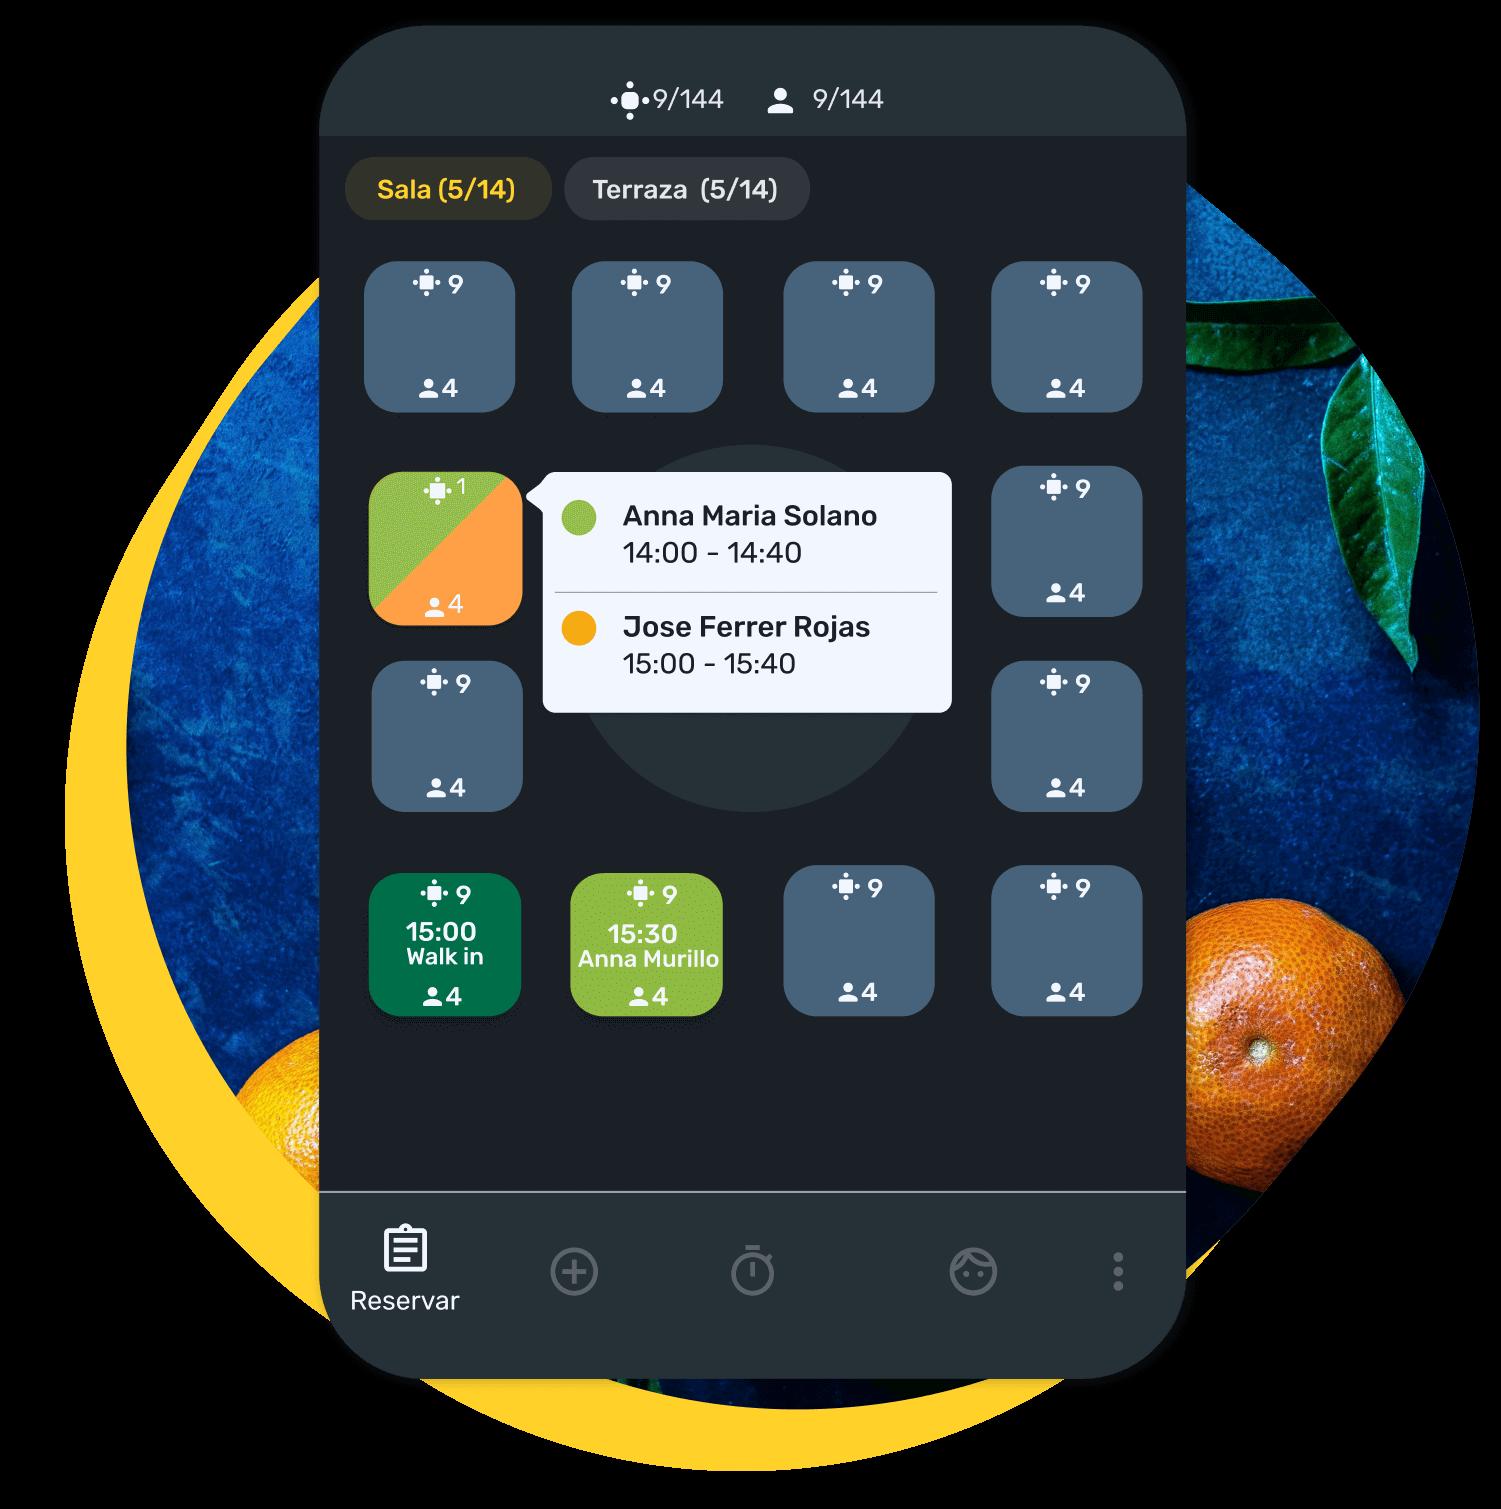 : Ejemplo de plano de sala de un restaurante con mesas reservadas, mostrando nombre y hora de reserva de los clientes, en el software de CoverManager.